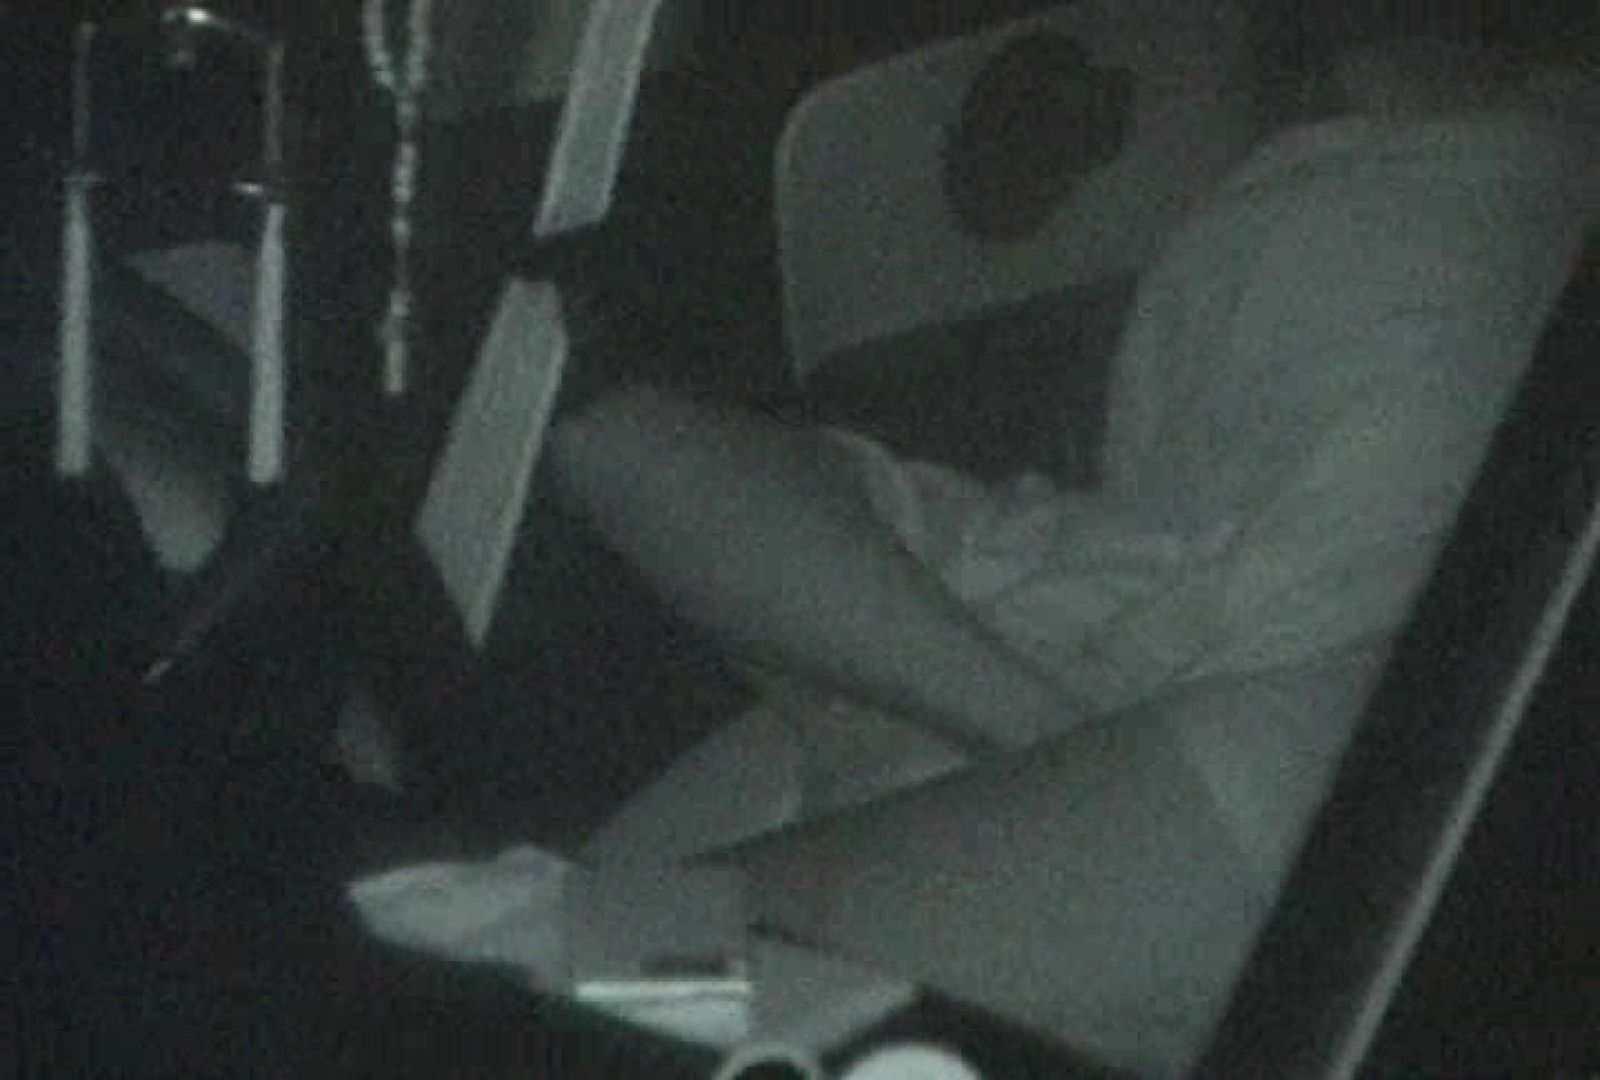 充血監督の深夜の運動会Vol.47 美しいOLの裸体 オメコ無修正動画無料 72pic 41